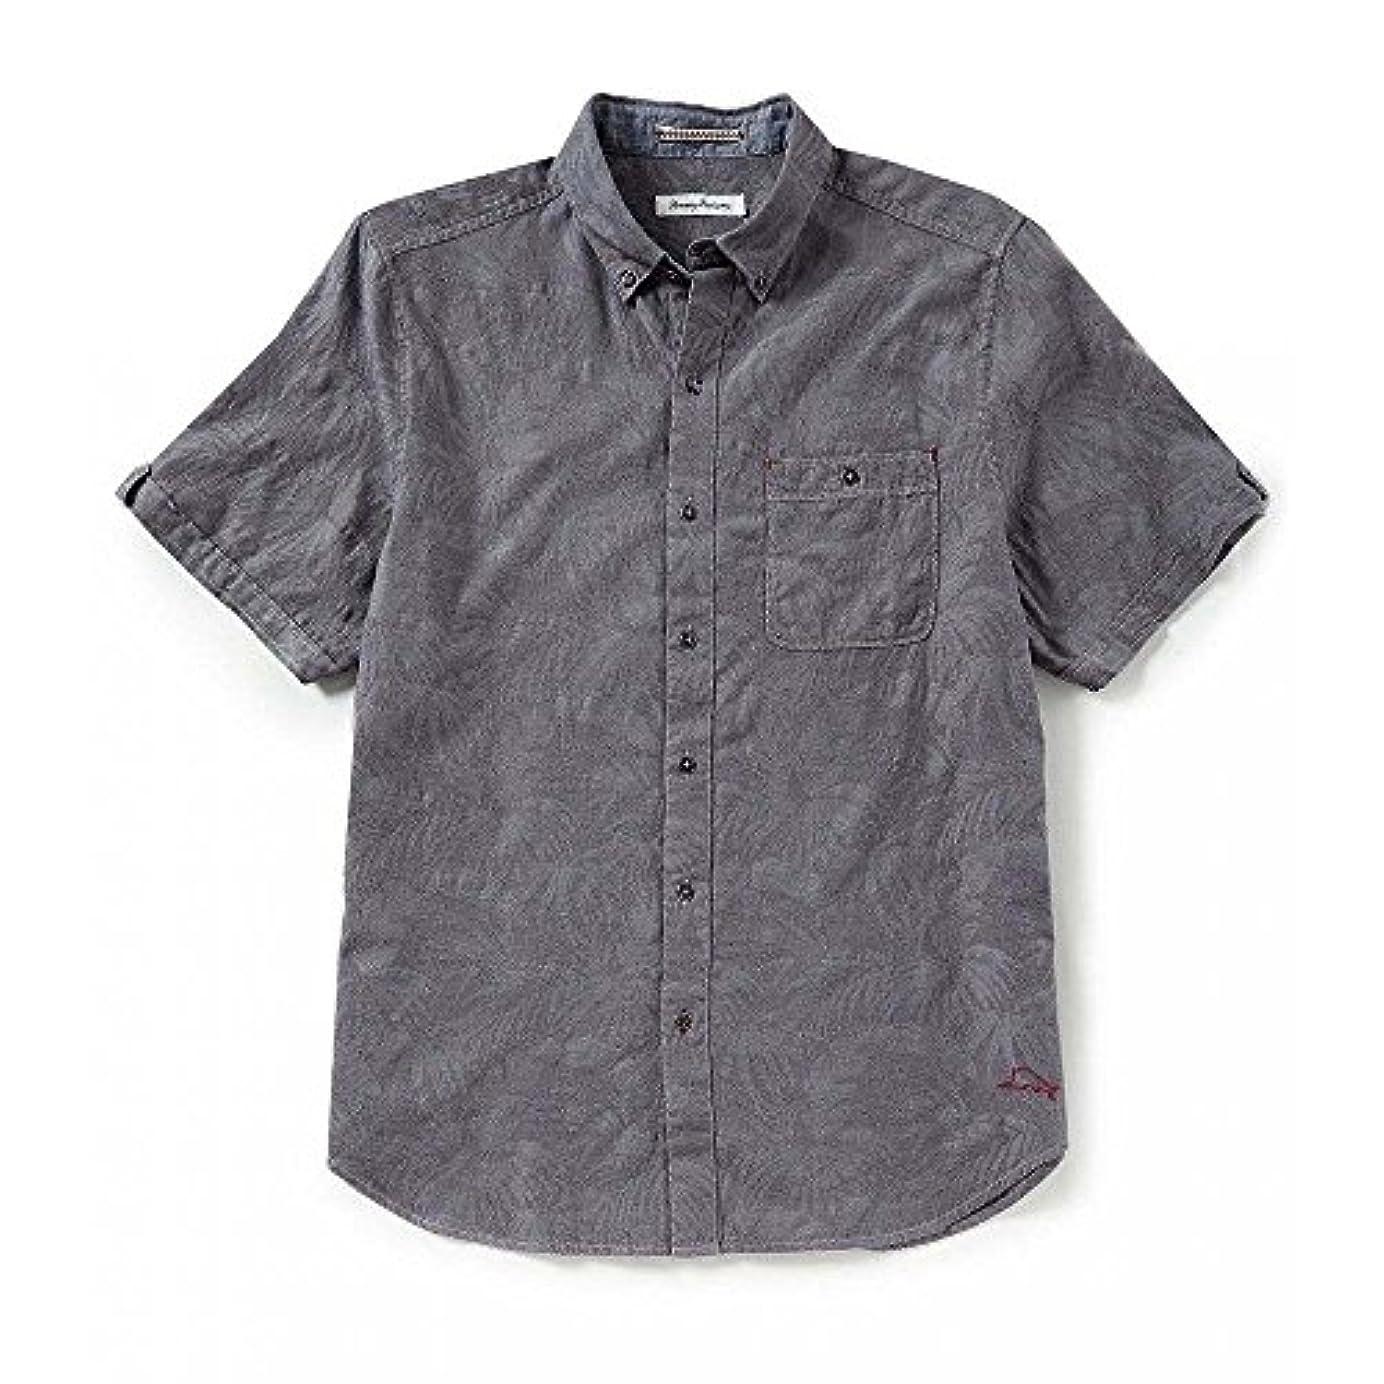 お金ブロッサム投げる(トミー バハマ) Tommy Bahama メンズ トップス 半袖シャツ Desert Fronds Short-Sleeve Woven Shirt [並行輸入品]